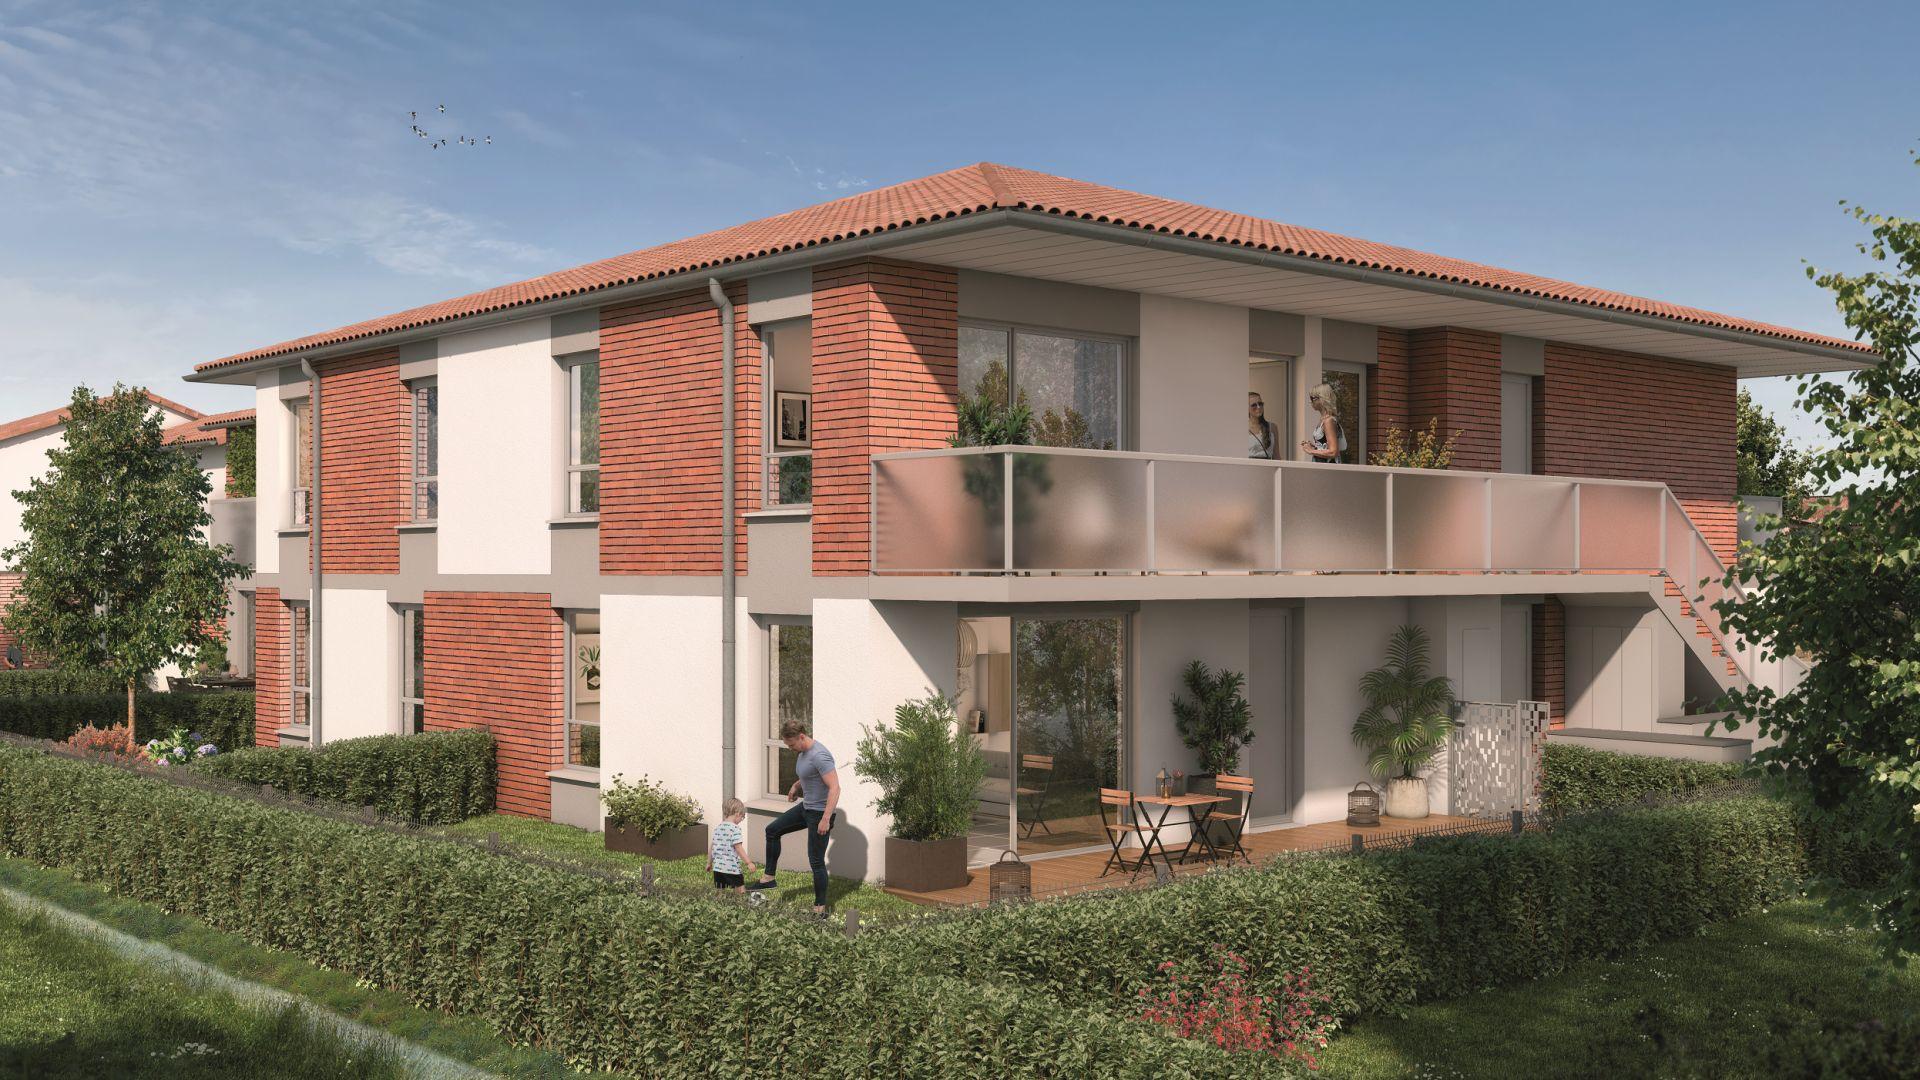 Greencity Immobilier - Domaine du Haumont - achat appartements et villas du T2 bis au T5 - Pins-Justaret 31860